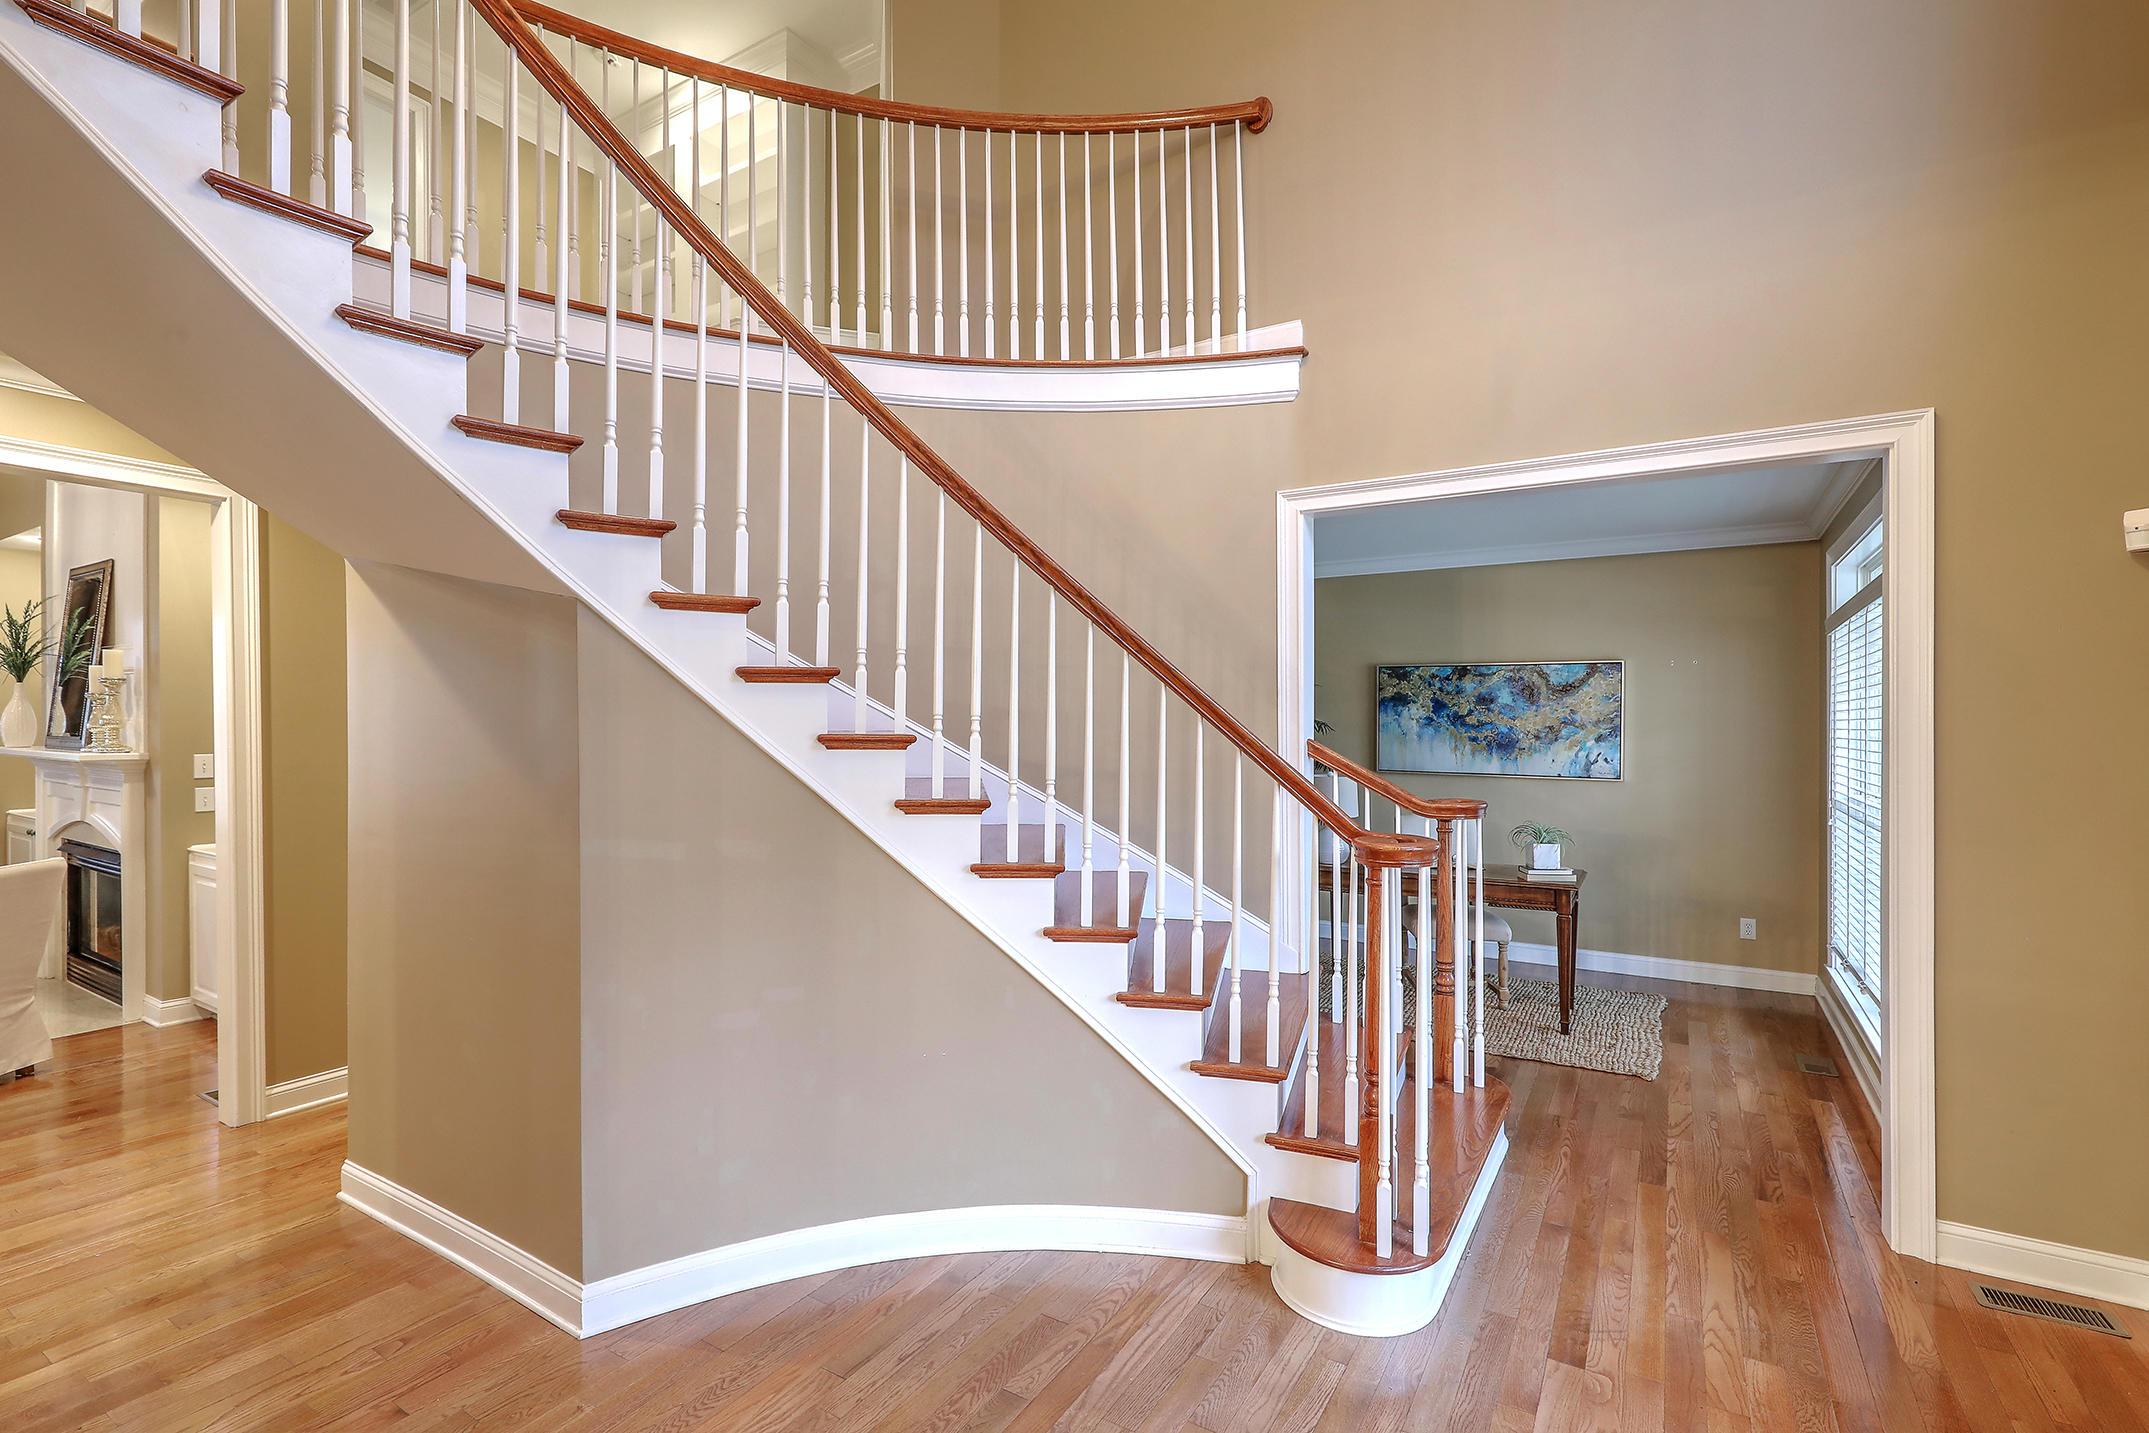 Dunes West Homes For Sale - 2817 Oak Manor, Mount Pleasant, SC - 8